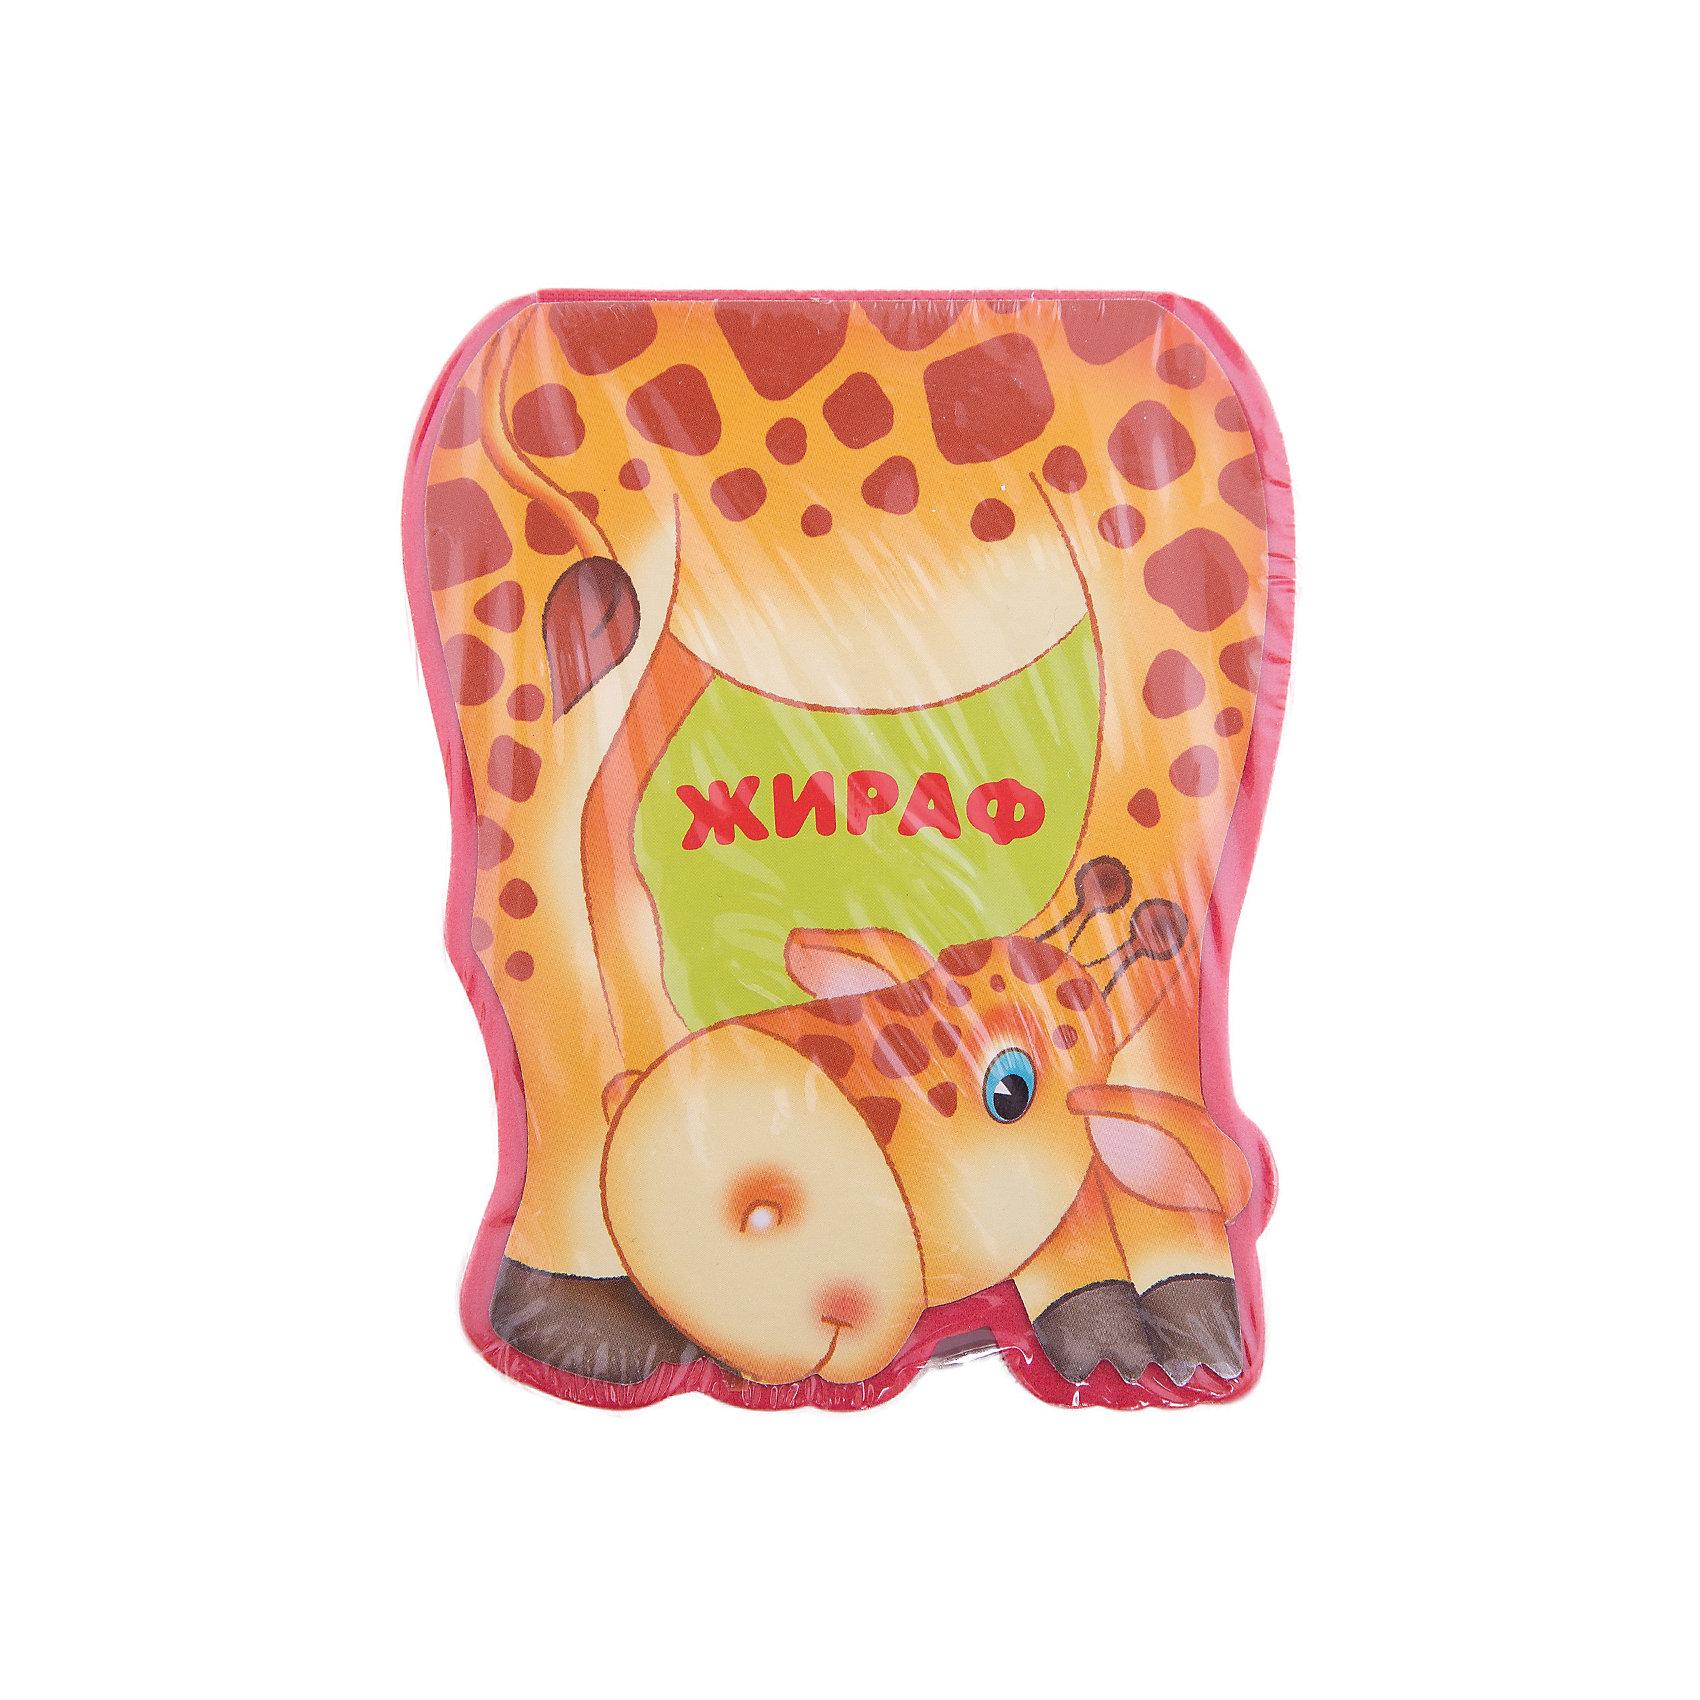 Книга ЖирафМозаика-Синтез<br>Жираф, Мозаика-Синтез – эта яркая забавная книжка обязательно понравится вашему малышу.<br>Разноцветные книжки серии «Забавные зверушки» предназначены для самых маленьких детей. Веселые стихи расскажут малышу о приключениях высокого жирафа Джерри. Яркие картинки закрепляют представления об окружающем мире, а плотные и одновременно мягкие странички из пены EVA помогают развивать мелкую моторику рук. Небольшие по формату, книжки легко поместятся в руках у малыша.<br><br>Дополнительная информация:<br><br>- Авторы: Л. Бурмистрова, В. Мороз<br>- Иллюстраторы: Ирина Сучилина, Ольга Налетова<br>- Издательство: Мозаика-Синтез<br>- Серия: Забавные зверушки<br>- Тип обложки: мягкая обложка<br>- Оформление: вырубка, лакировка<br>- Иллюстрации: цветные<br>- Страниц: 10<br>- Размеры: 105x85x30 мм.<br>- Вес: 45 гр.<br><br>Книгу «Жираф», Мозаика-Синтез можно купить в нашем интернет-магазине.<br><br>Ширина мм: 110<br>Глубина мм: 90<br>Высота мм: 25<br>Вес г: 46<br>Возраст от месяцев: 12<br>Возраст до месяцев: 48<br>Пол: Унисекс<br>Возраст: Детский<br>SKU: 3756278